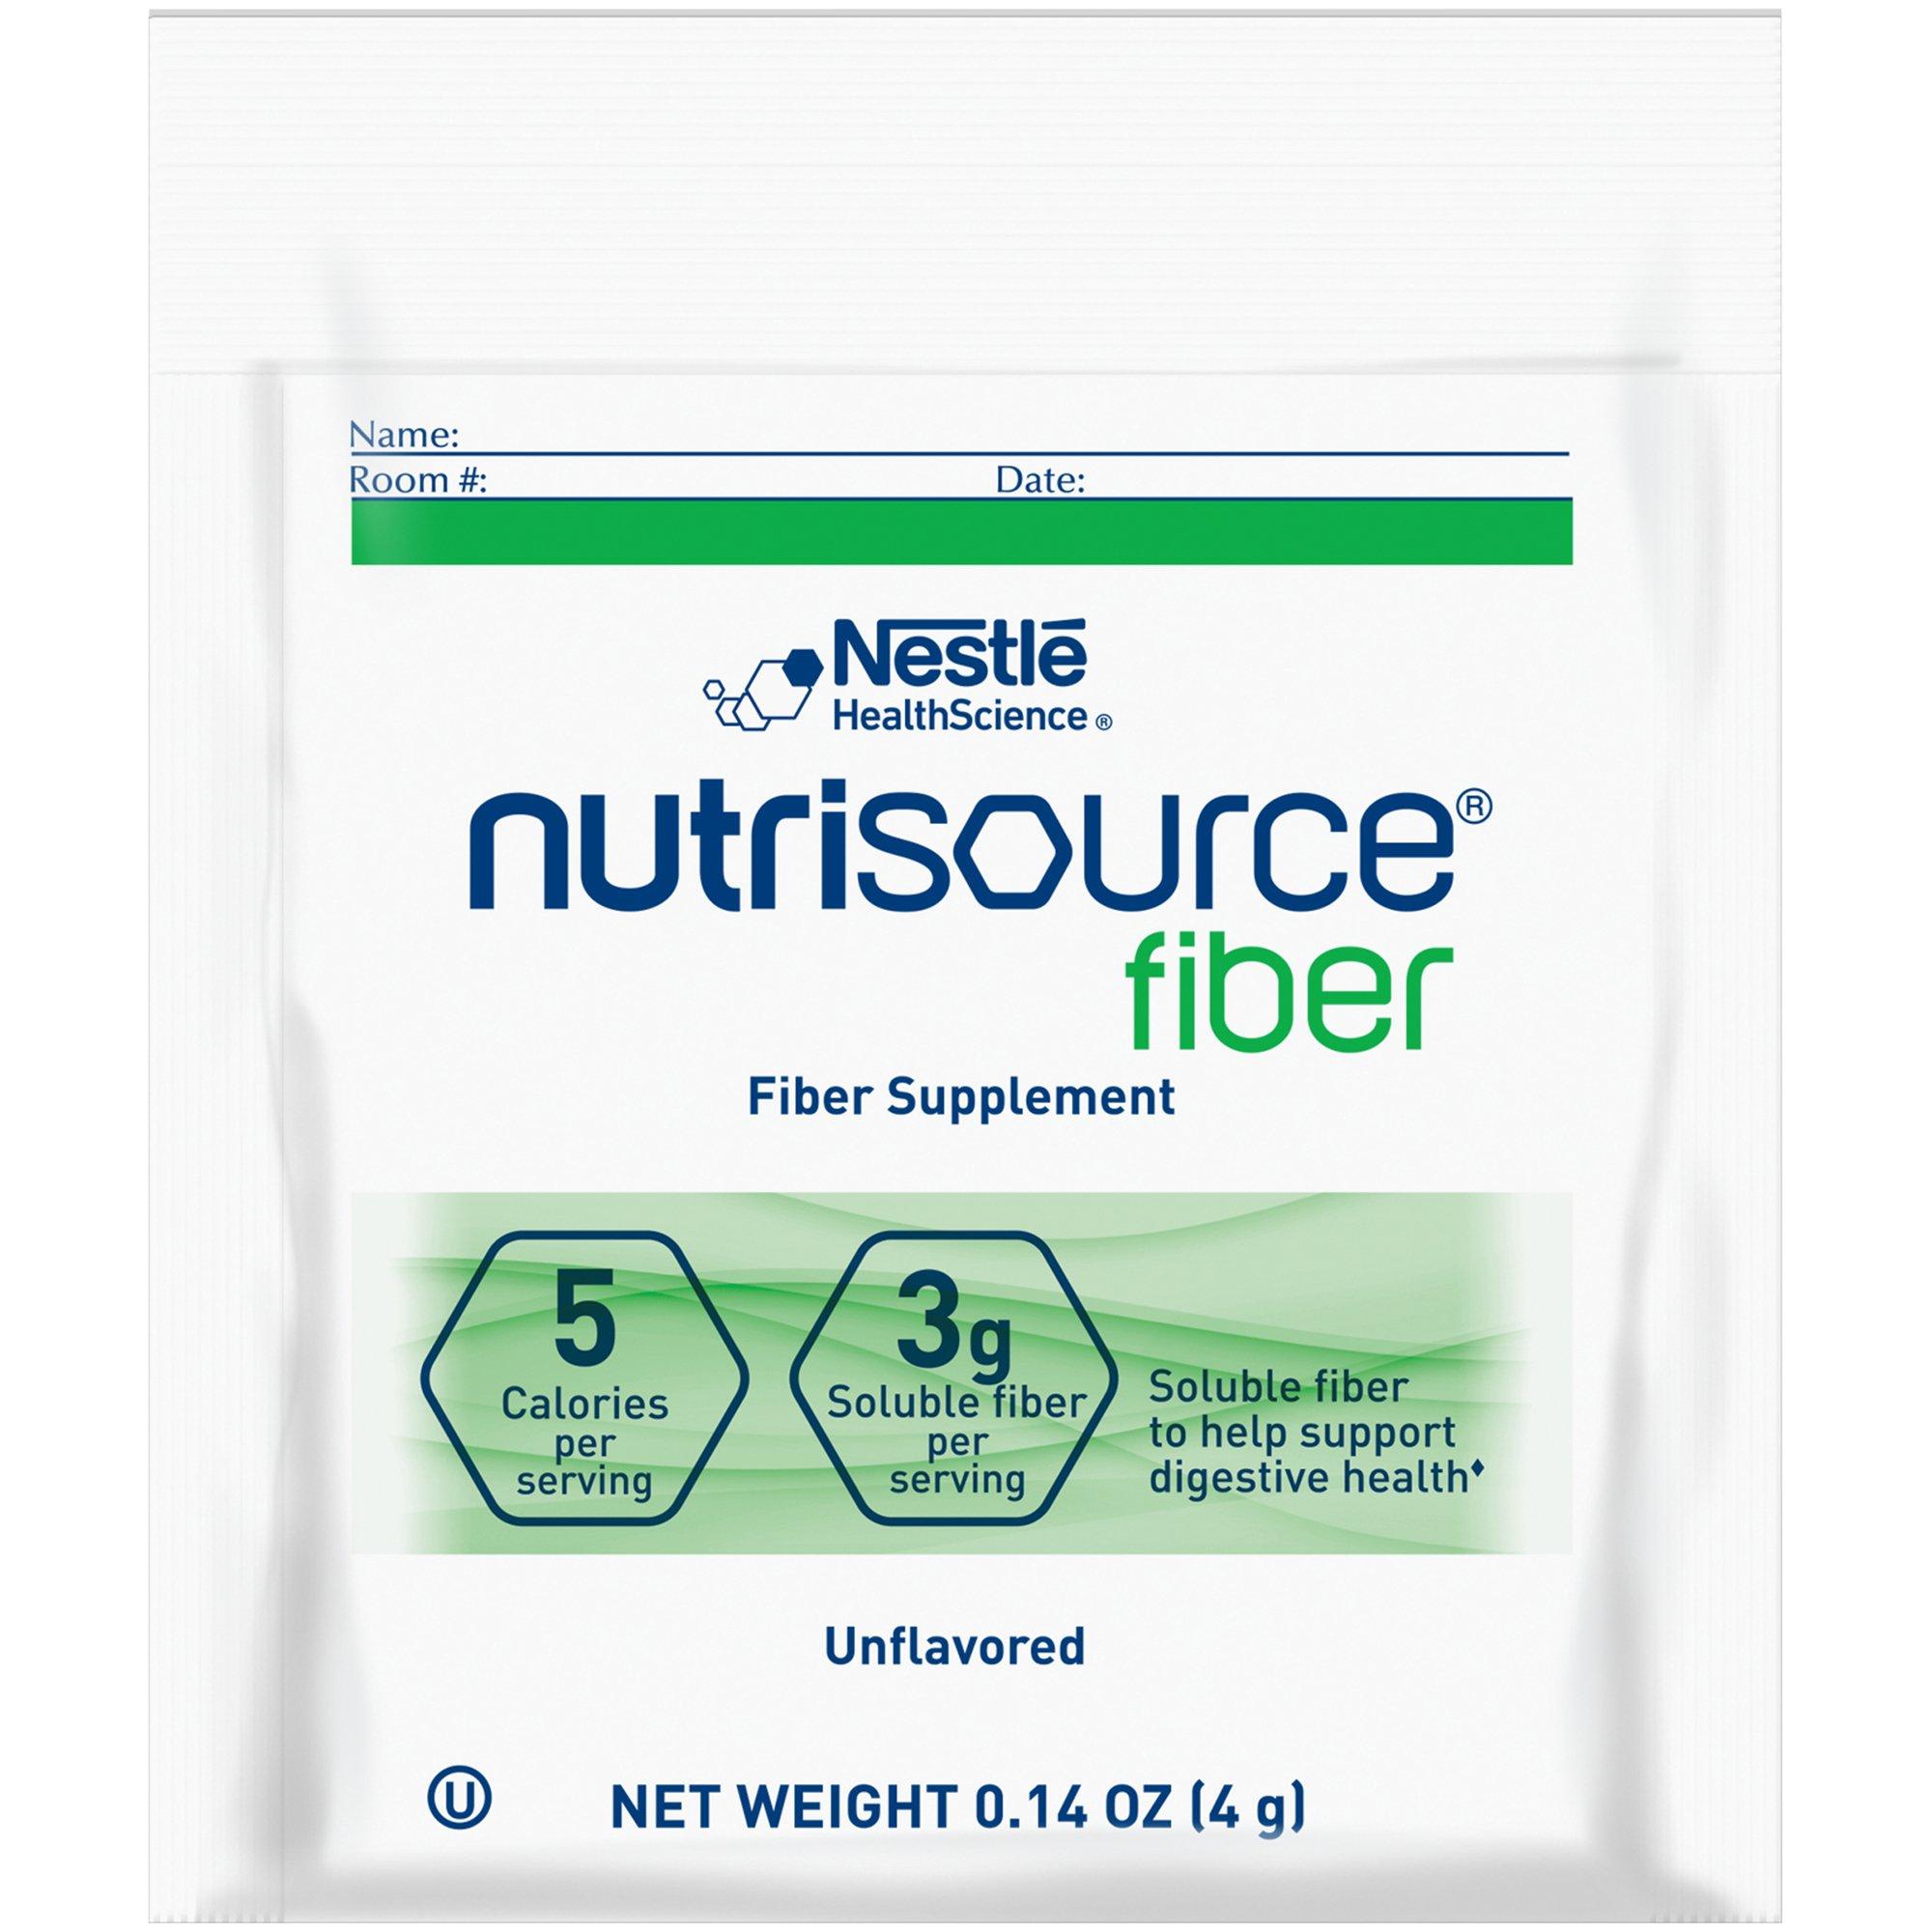 Nestle HealthScience Nutrisource fiber Fiber Supplement Powder, Unflavored, 4 grams  , 10043900976485, Case of 75